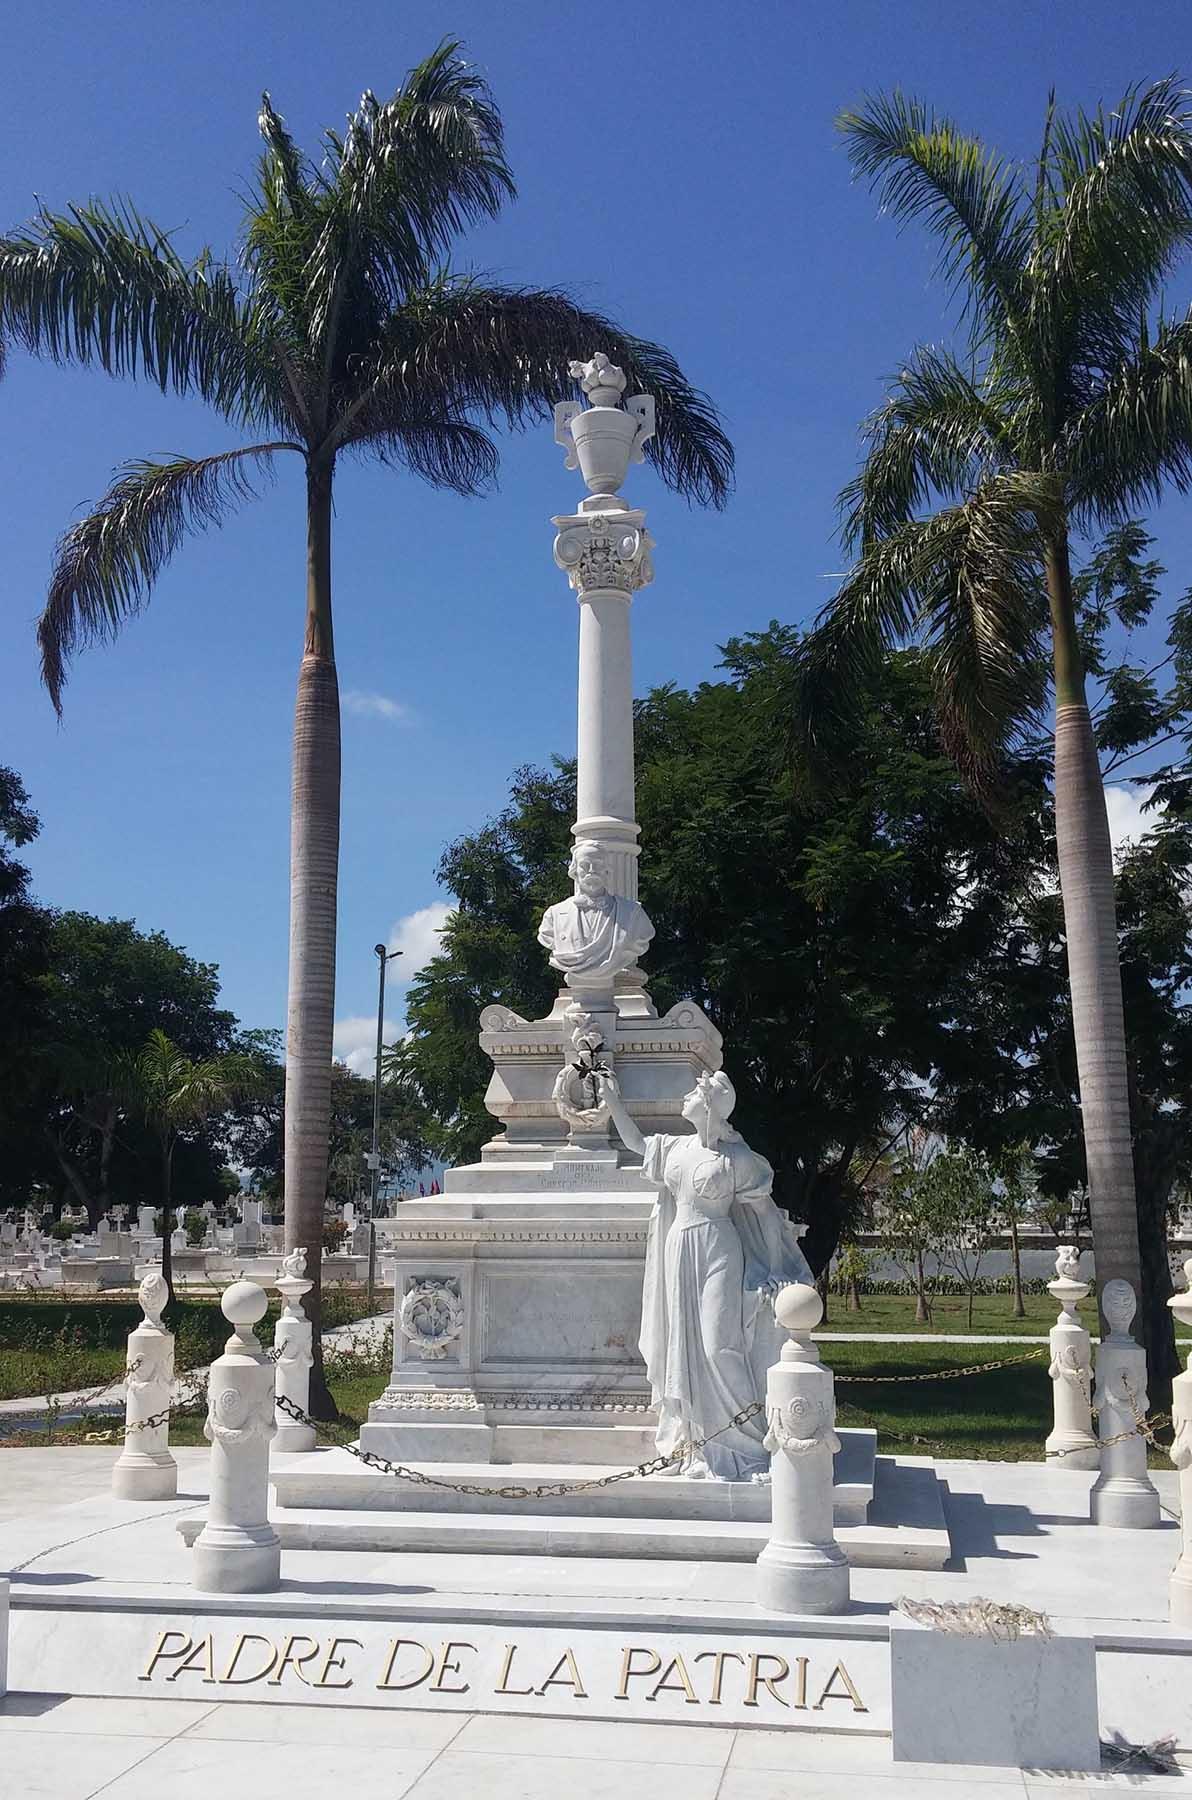 Monumento funerario de Carlos Manuel de Céspedes, en la actuali-dad, en el Cementerio de Santa Ifigenia de Santiago de Cuba. Foto: Ignacio Fernández Díaz.